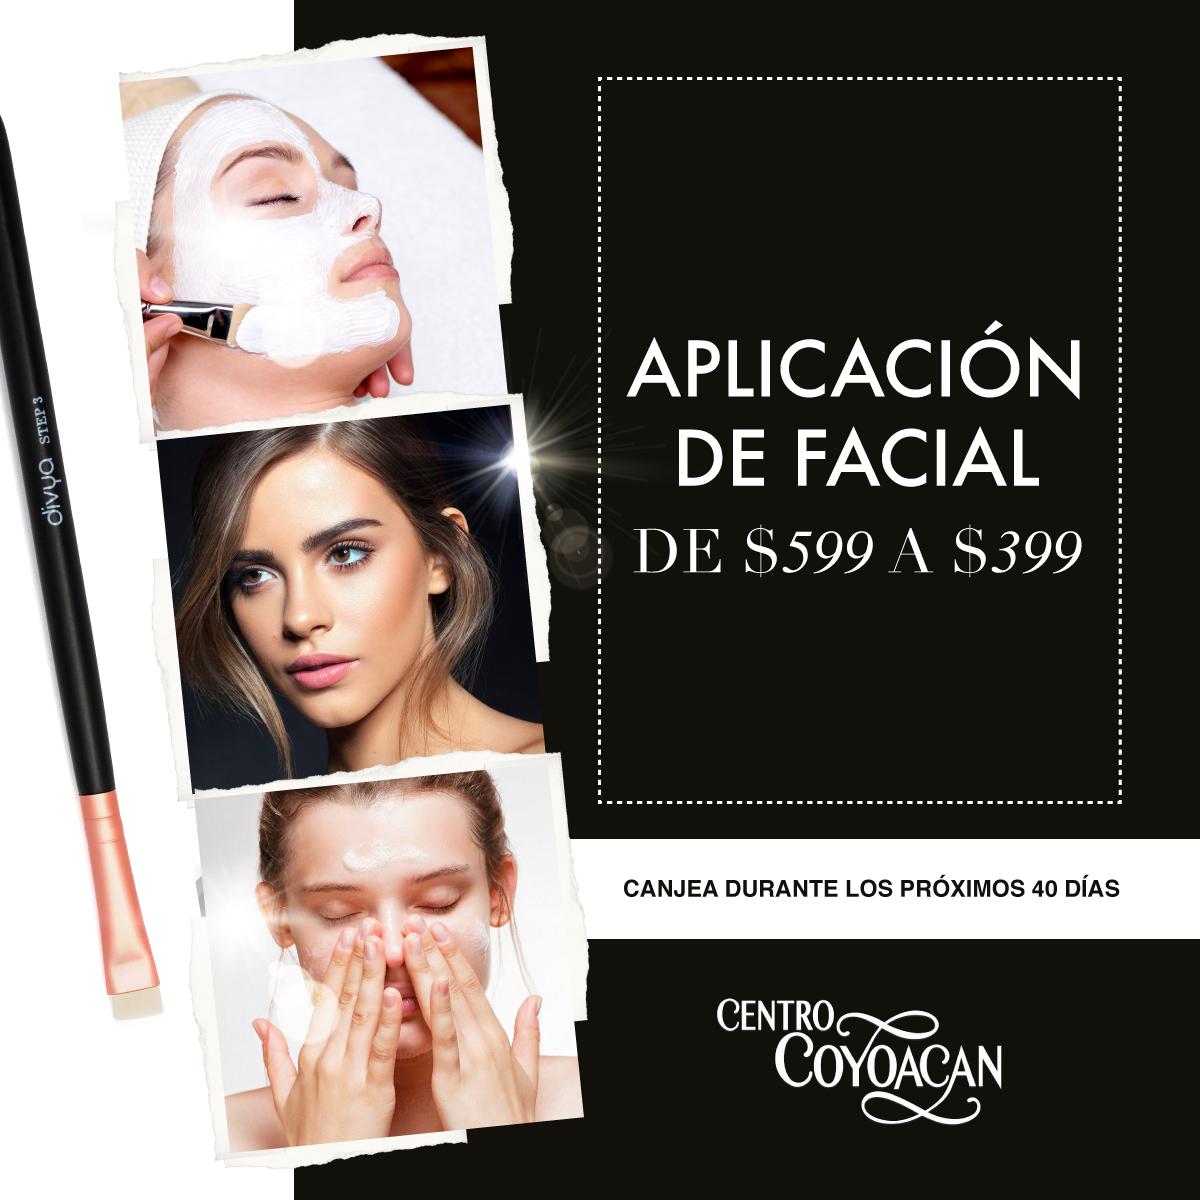 Aplicación de Facial *Promo Centro Coyoacán&w=900&h=900&fit=crop